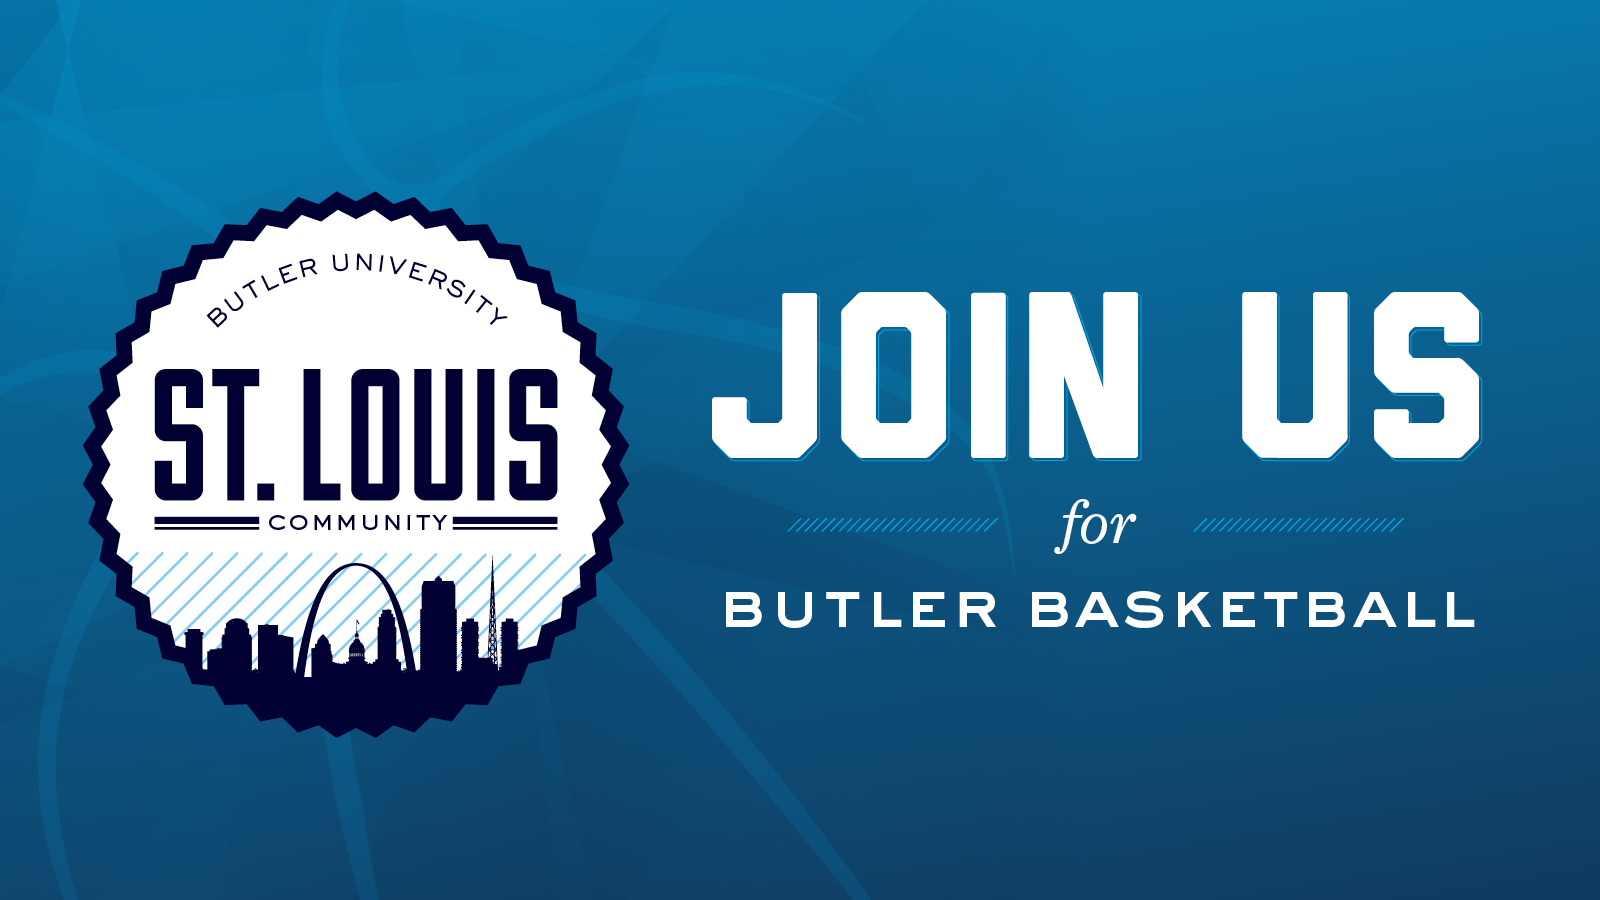 St. Louis Alumni Fan Gathering: Butler vs. Georgetown